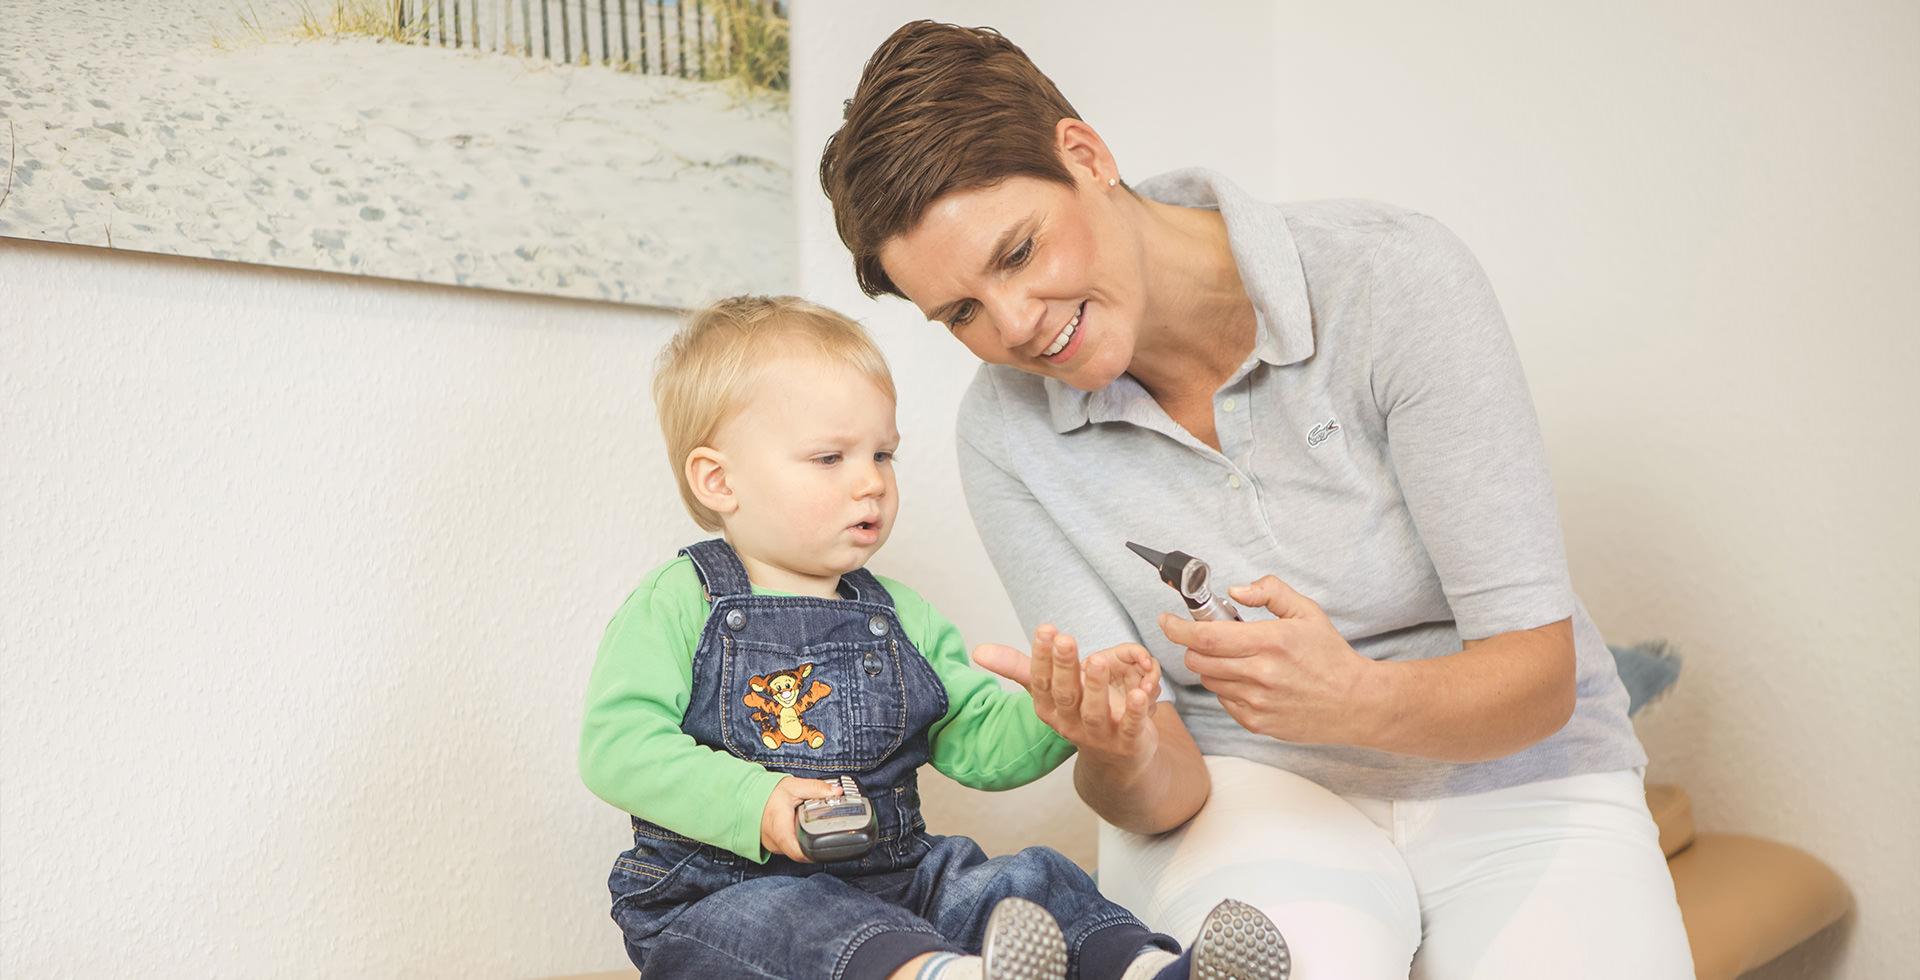 Heidi Volbers, Heilpraktikerin und Kinderheilpraktikerin aus Lingen · Kinderheilkunde